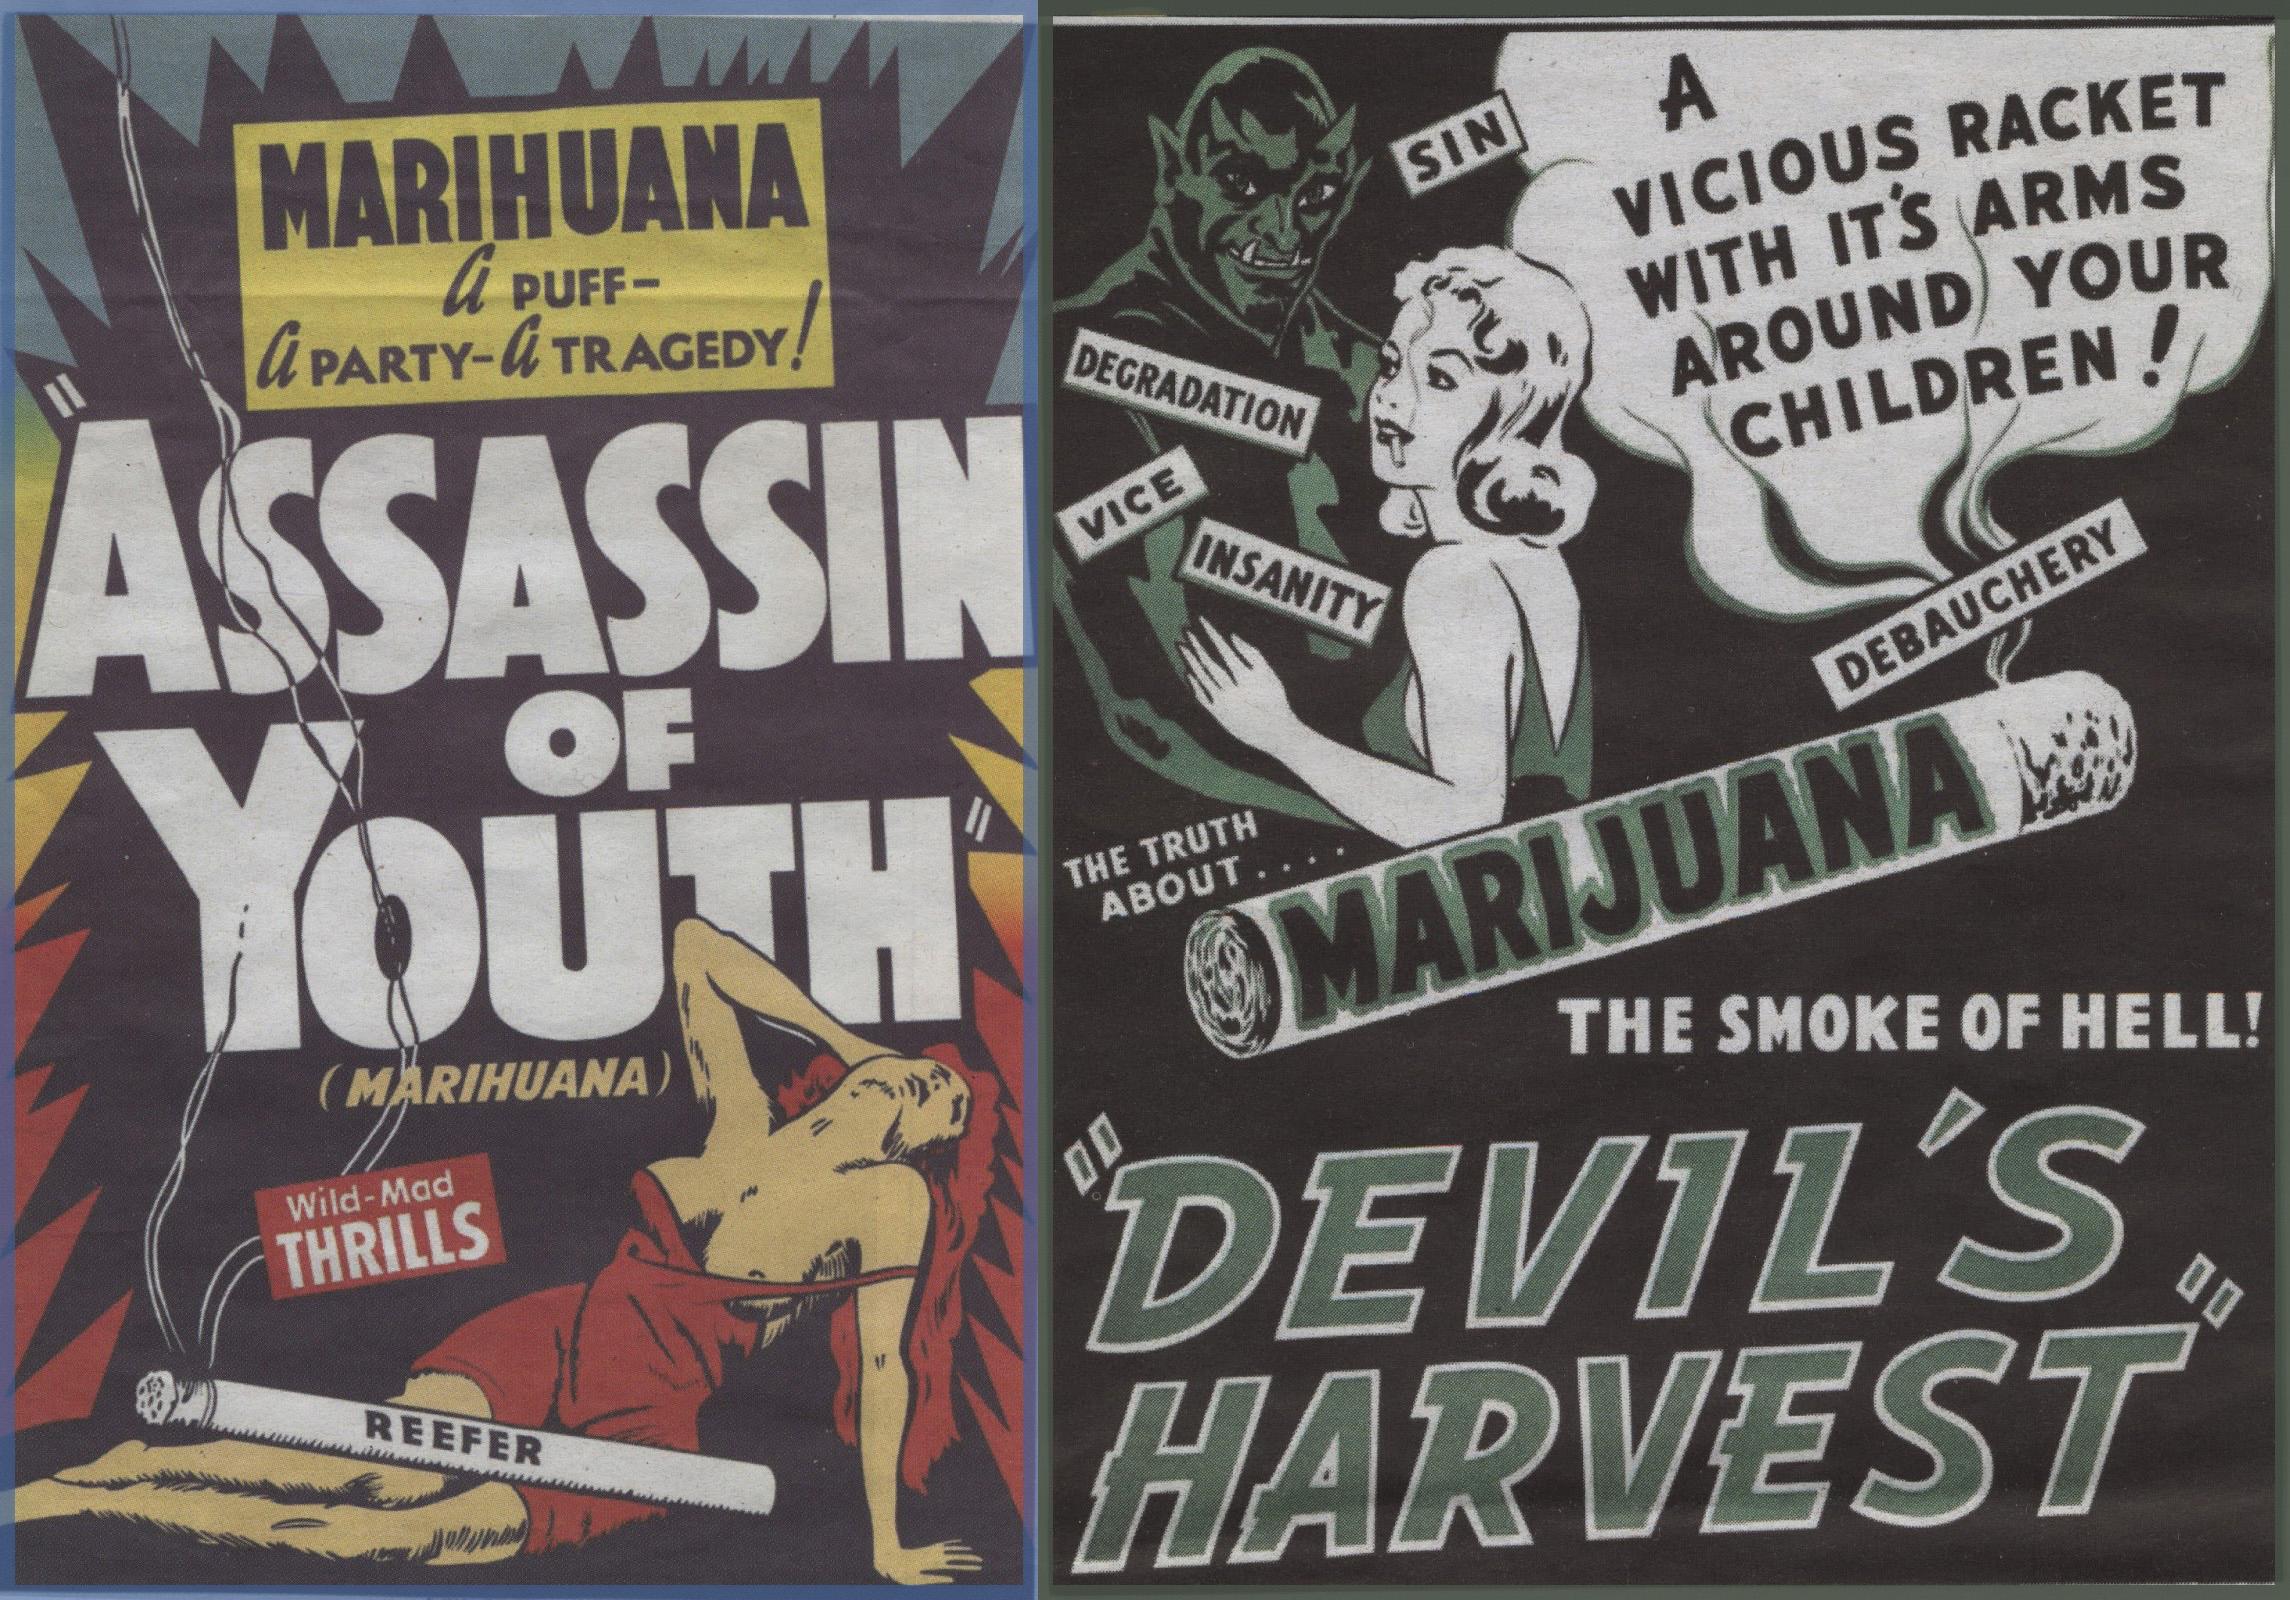 campañas ridículas anti cannabis